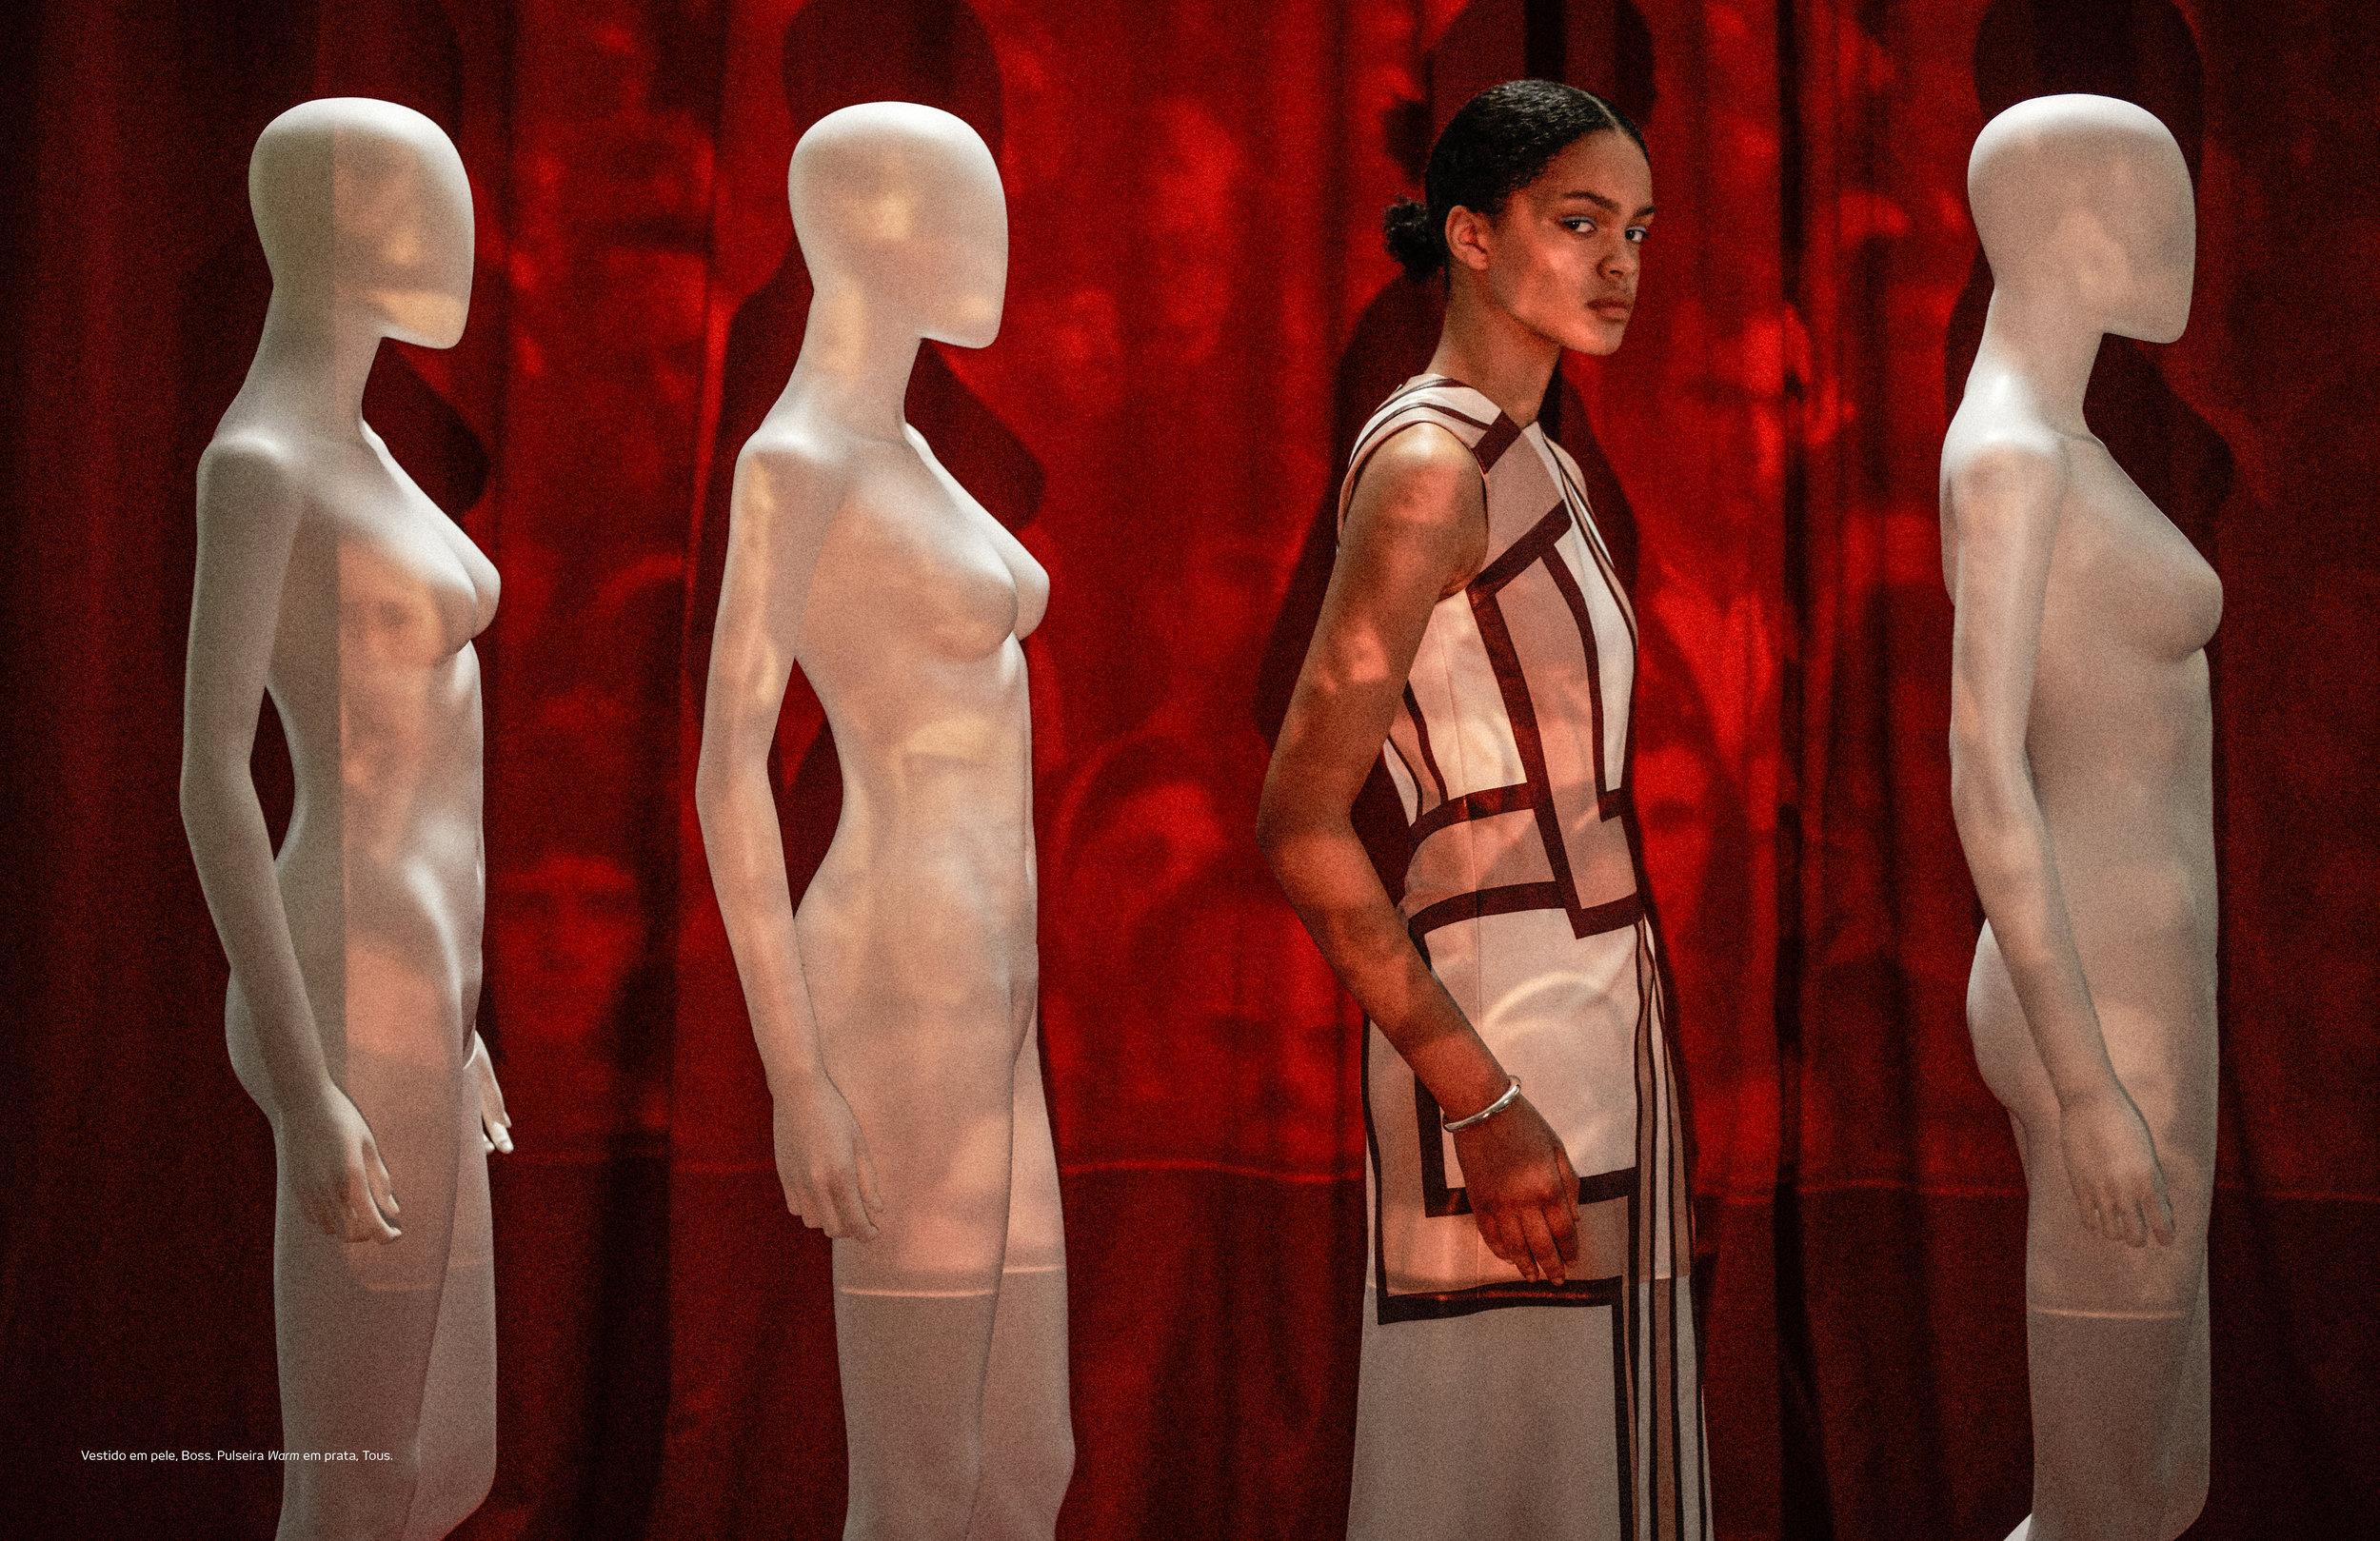 Vogue Portugal_Pela roupa morre o peixe_5.jpg